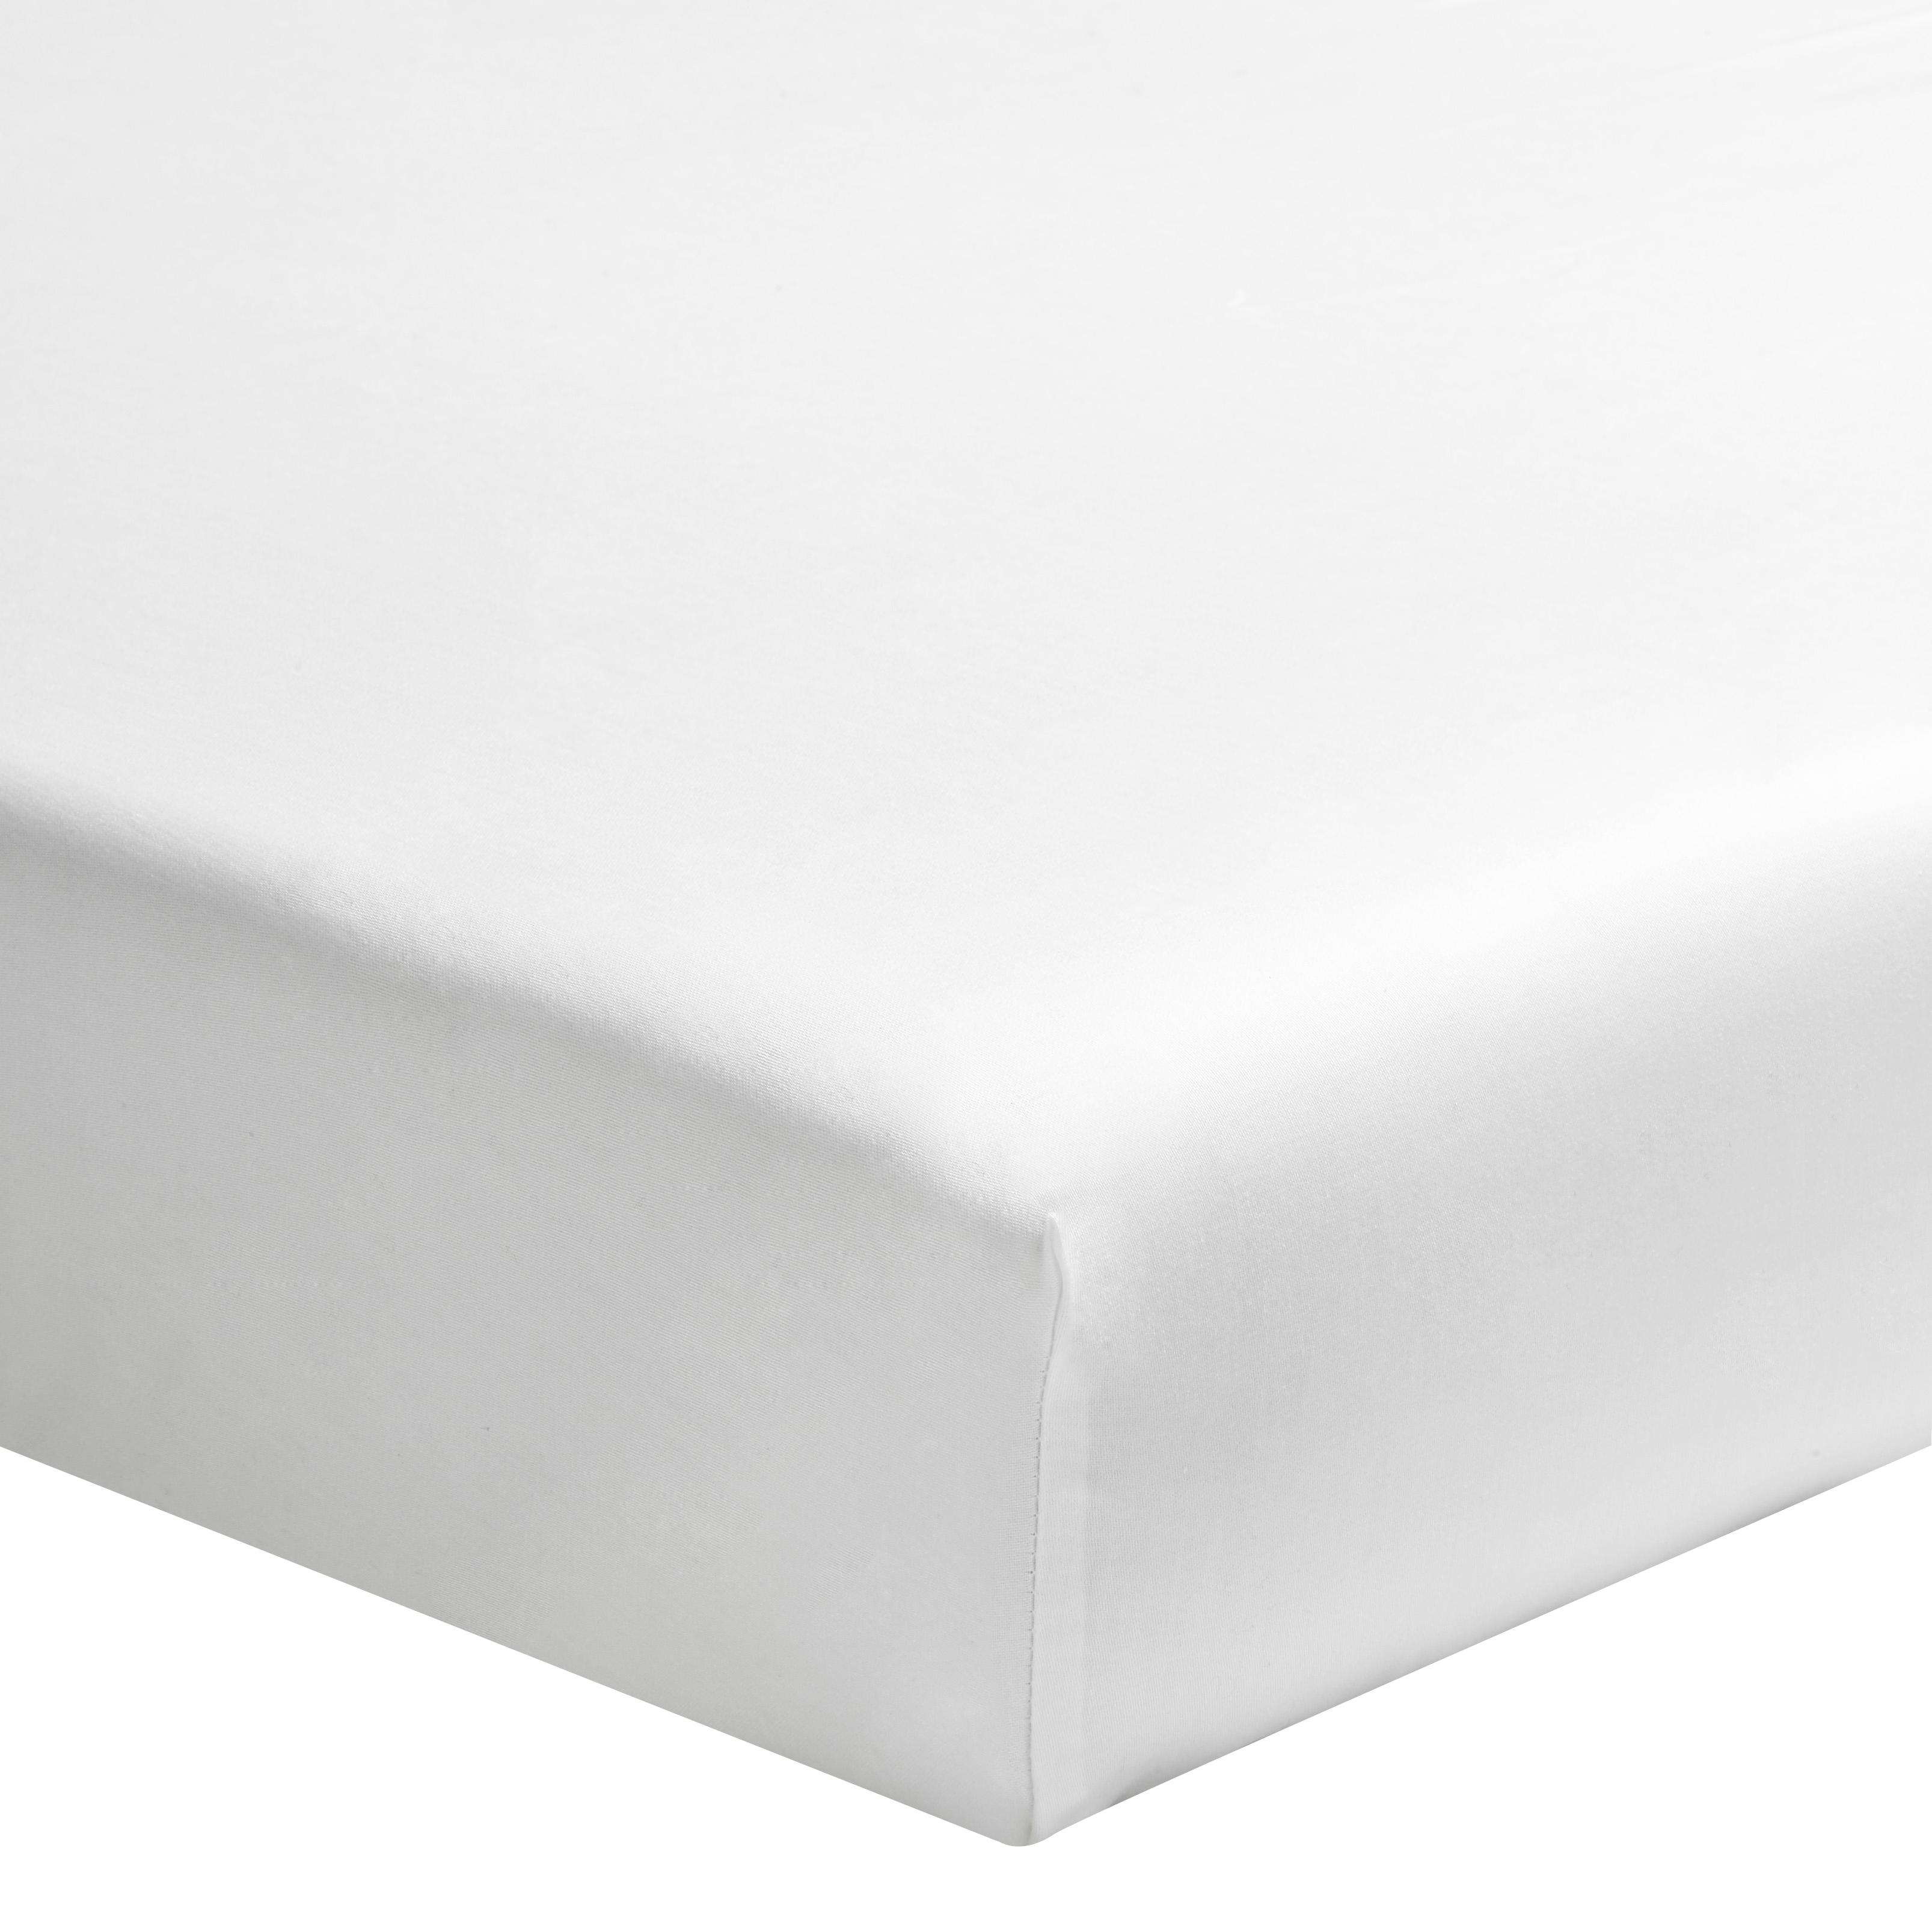 Drap housse uni en percale de coton blanc 140x200